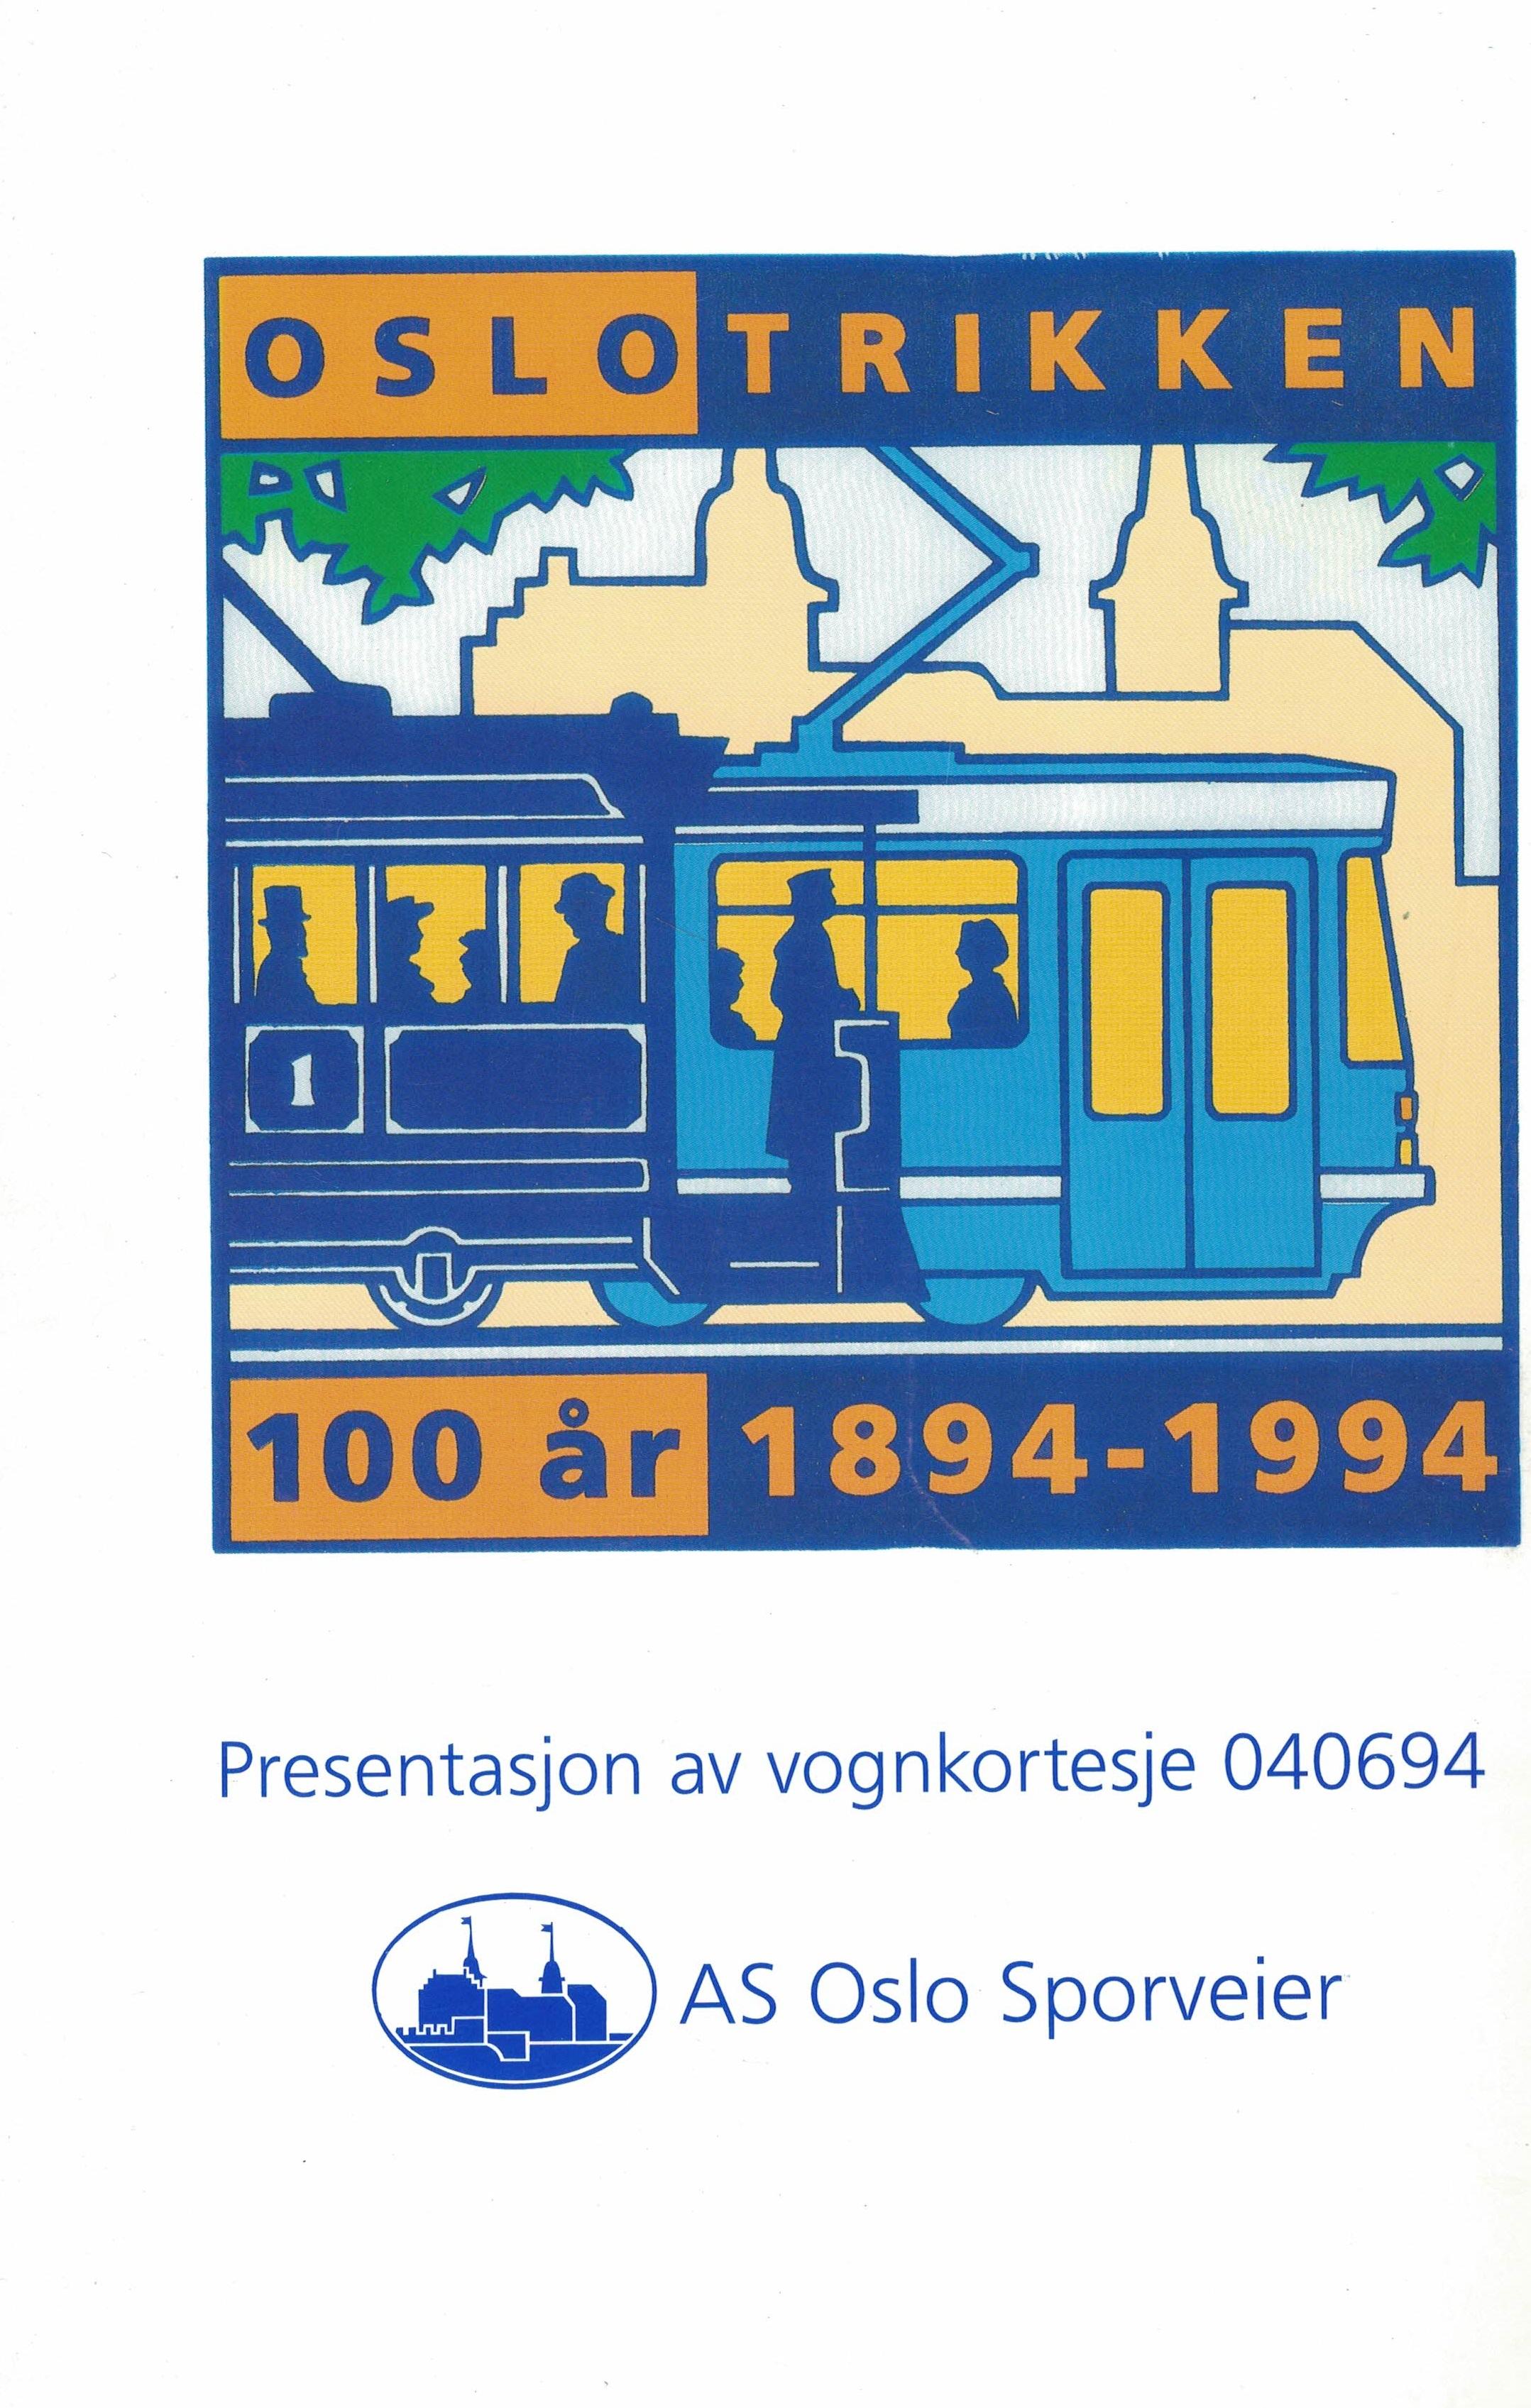 Presentasjon av vognkortesjen 1994